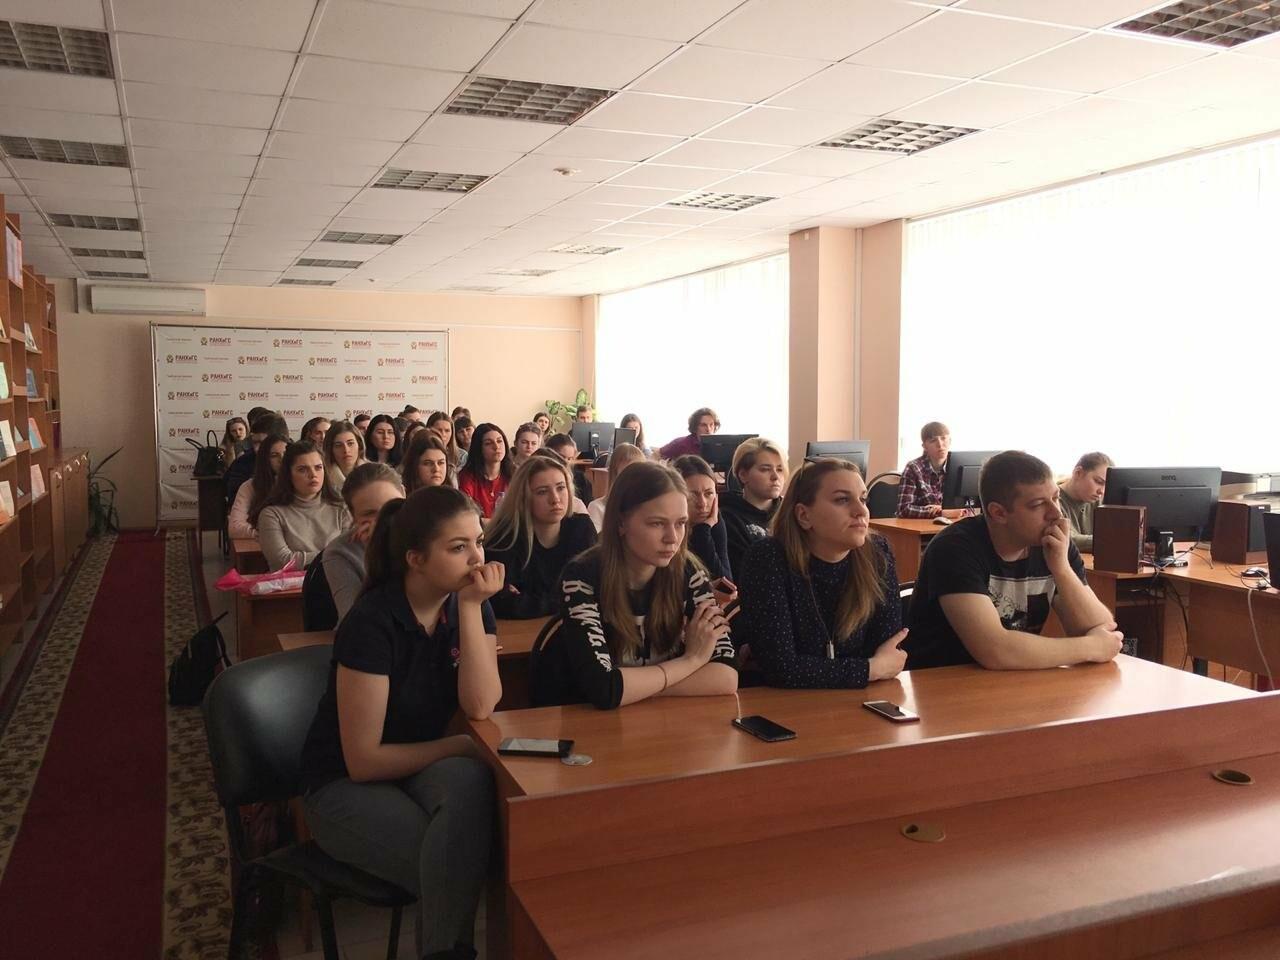 Студентам Тамбовского филиала РАНХиГС рассказали о денежно-кредитной политике, фото-1